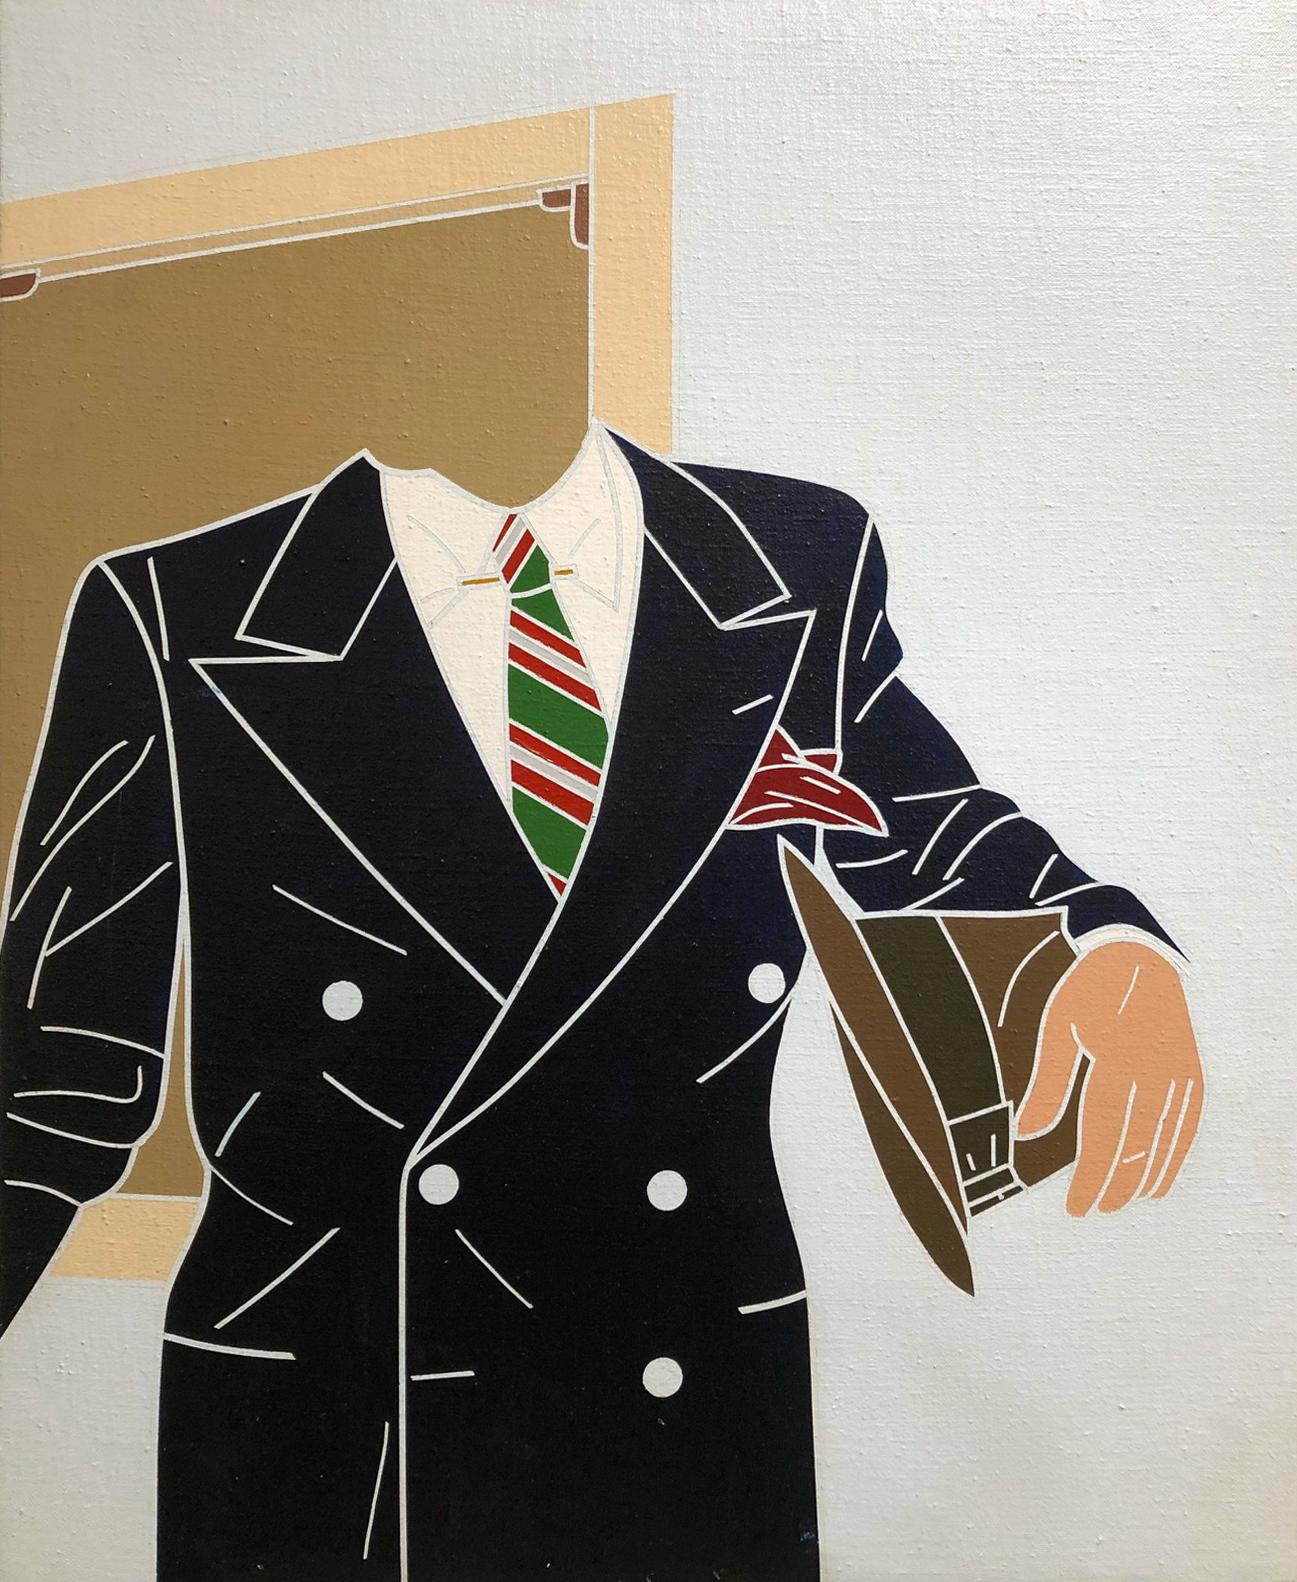 L'uomo della volgarizzazione, 1968, acrilici su tela, 60 x 50 cm